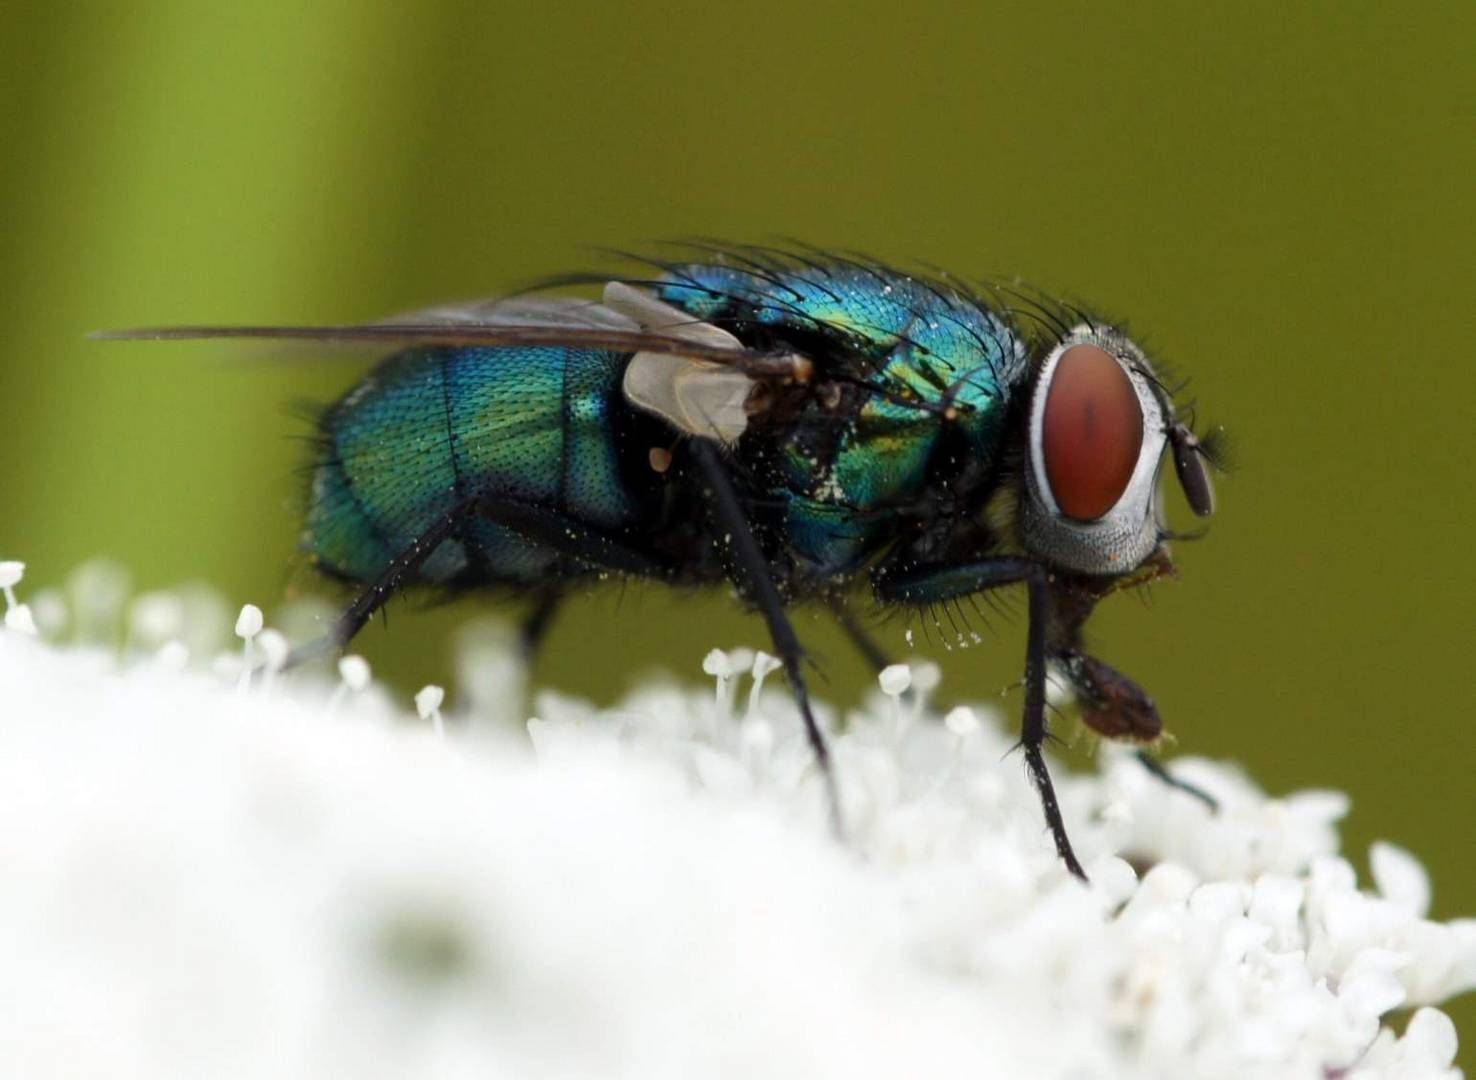 gr ne fliege foto bild tiere wildlife insekten bilder auf fotocommunity. Black Bedroom Furniture Sets. Home Design Ideas